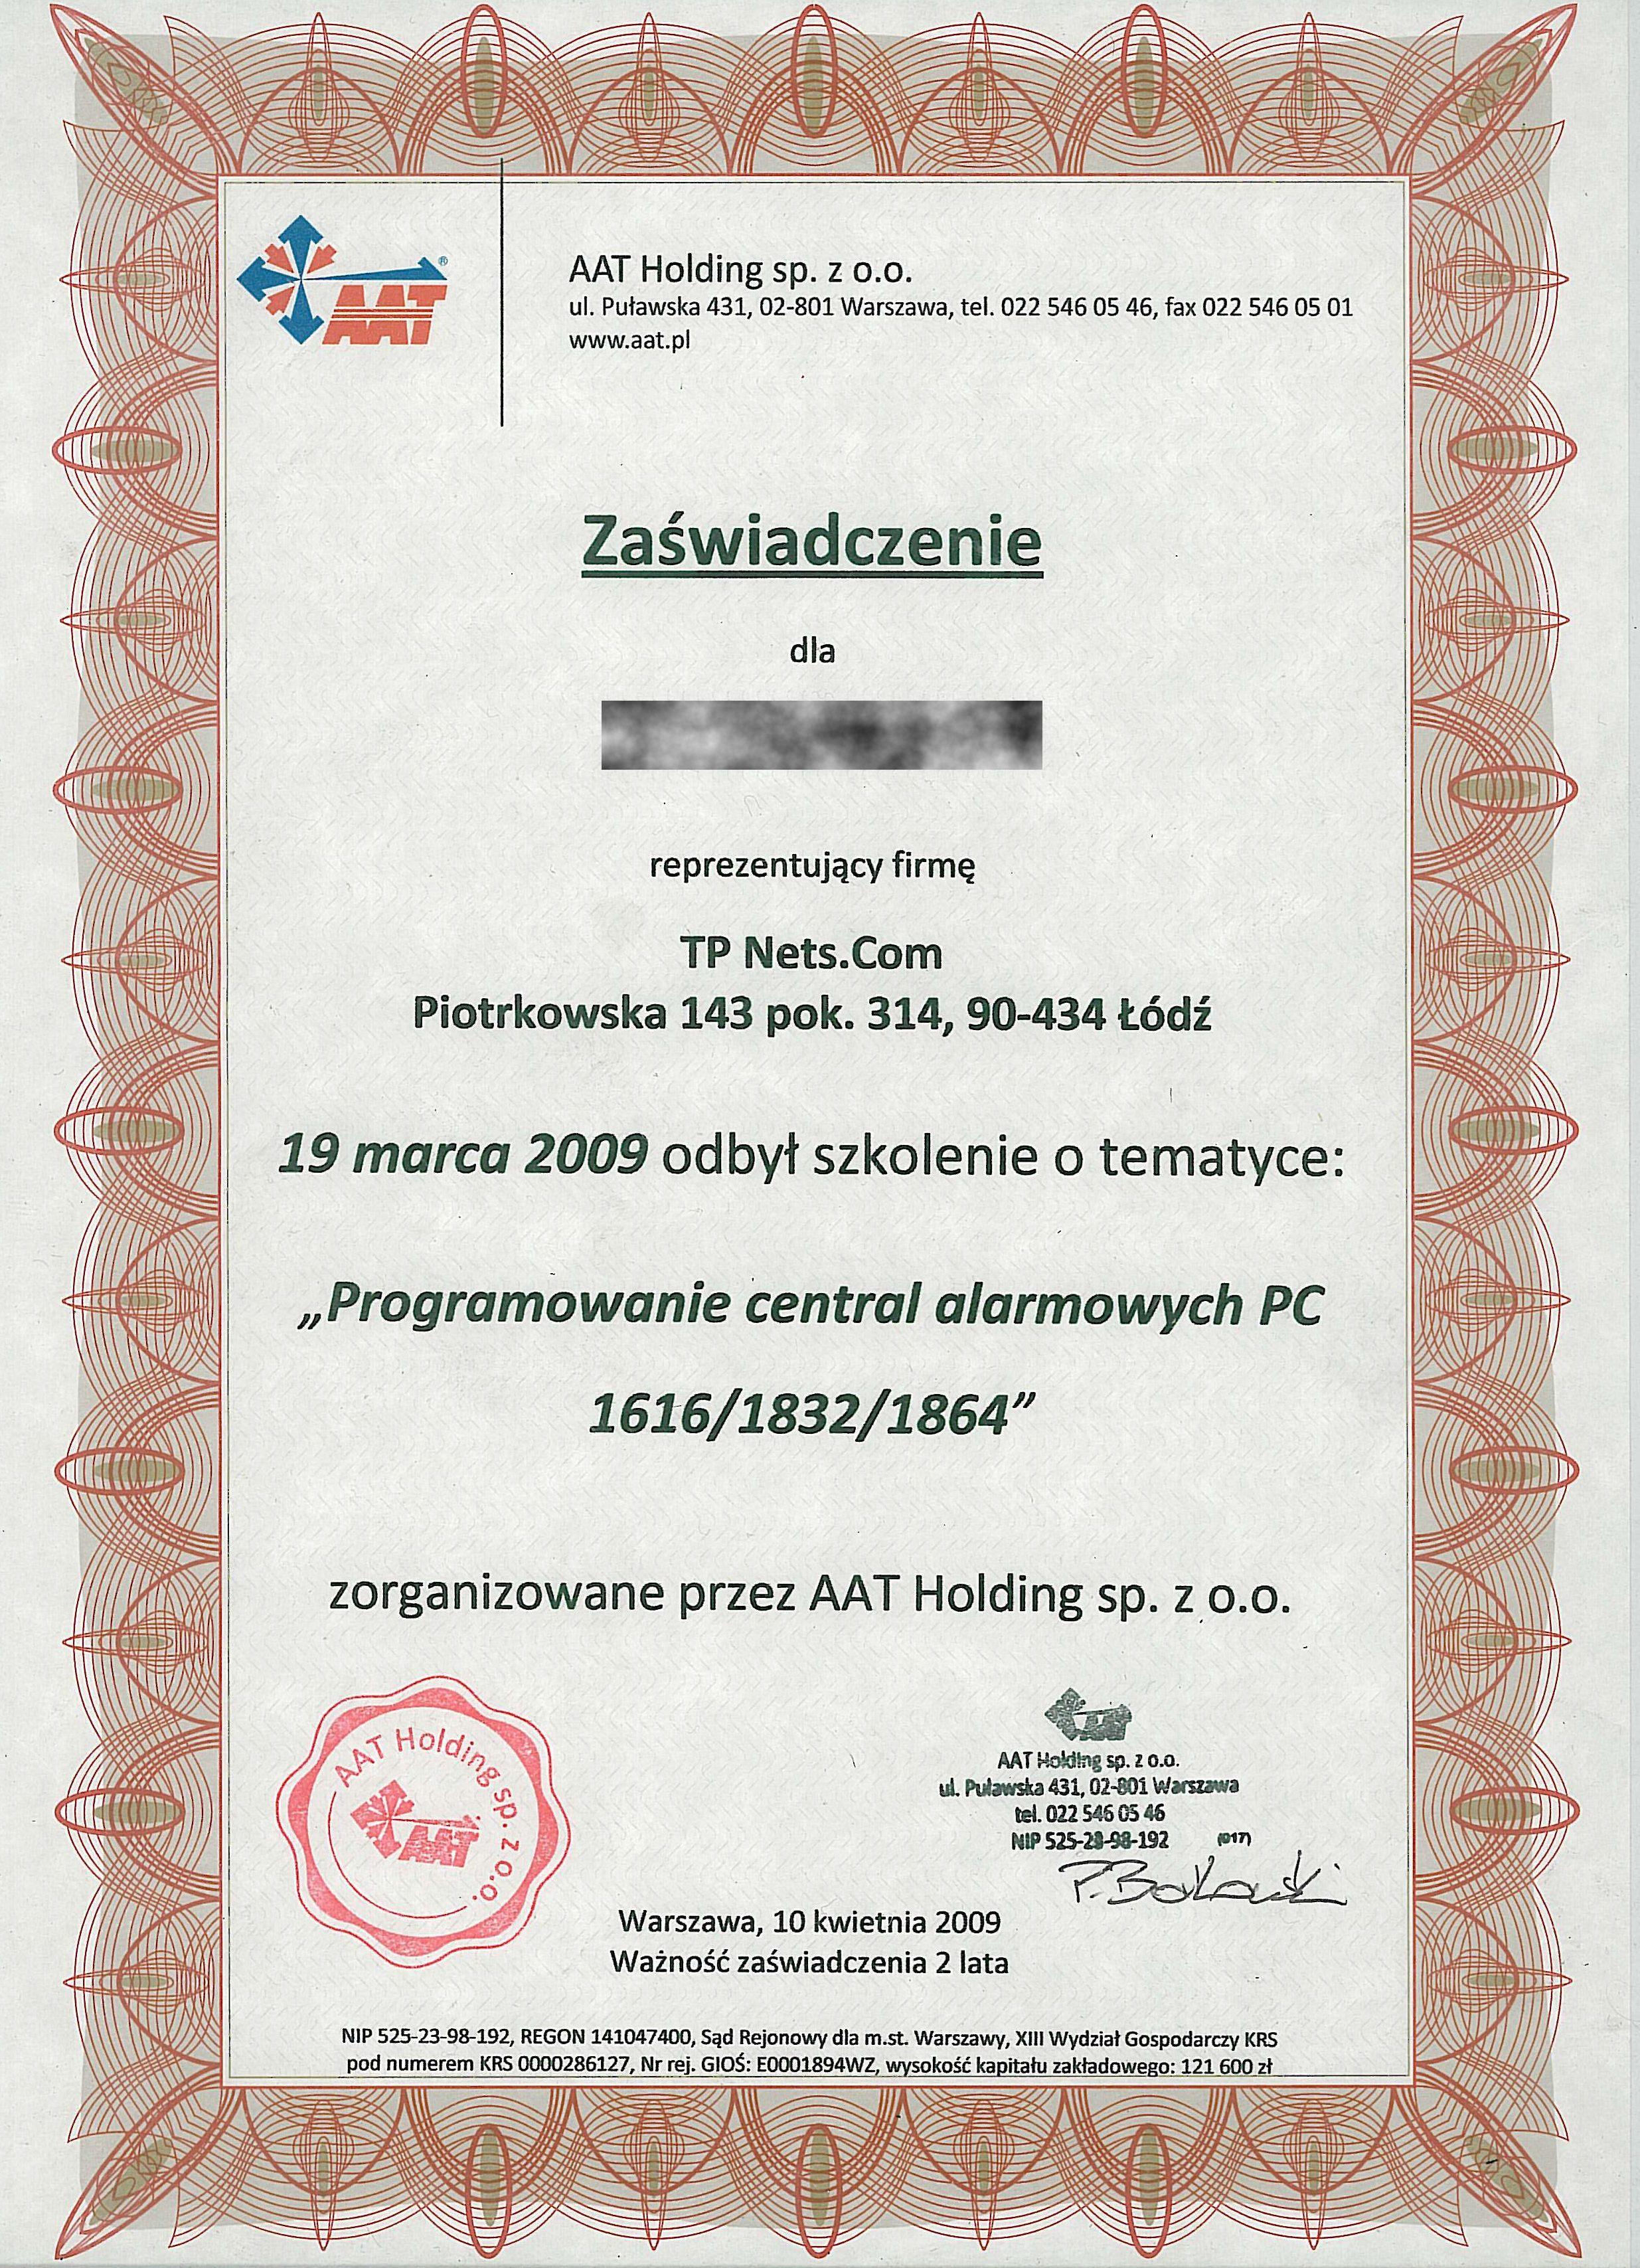 aat_2009_tb_zaswiadczenie_programowanie_PC1616_1932_1864_RODO